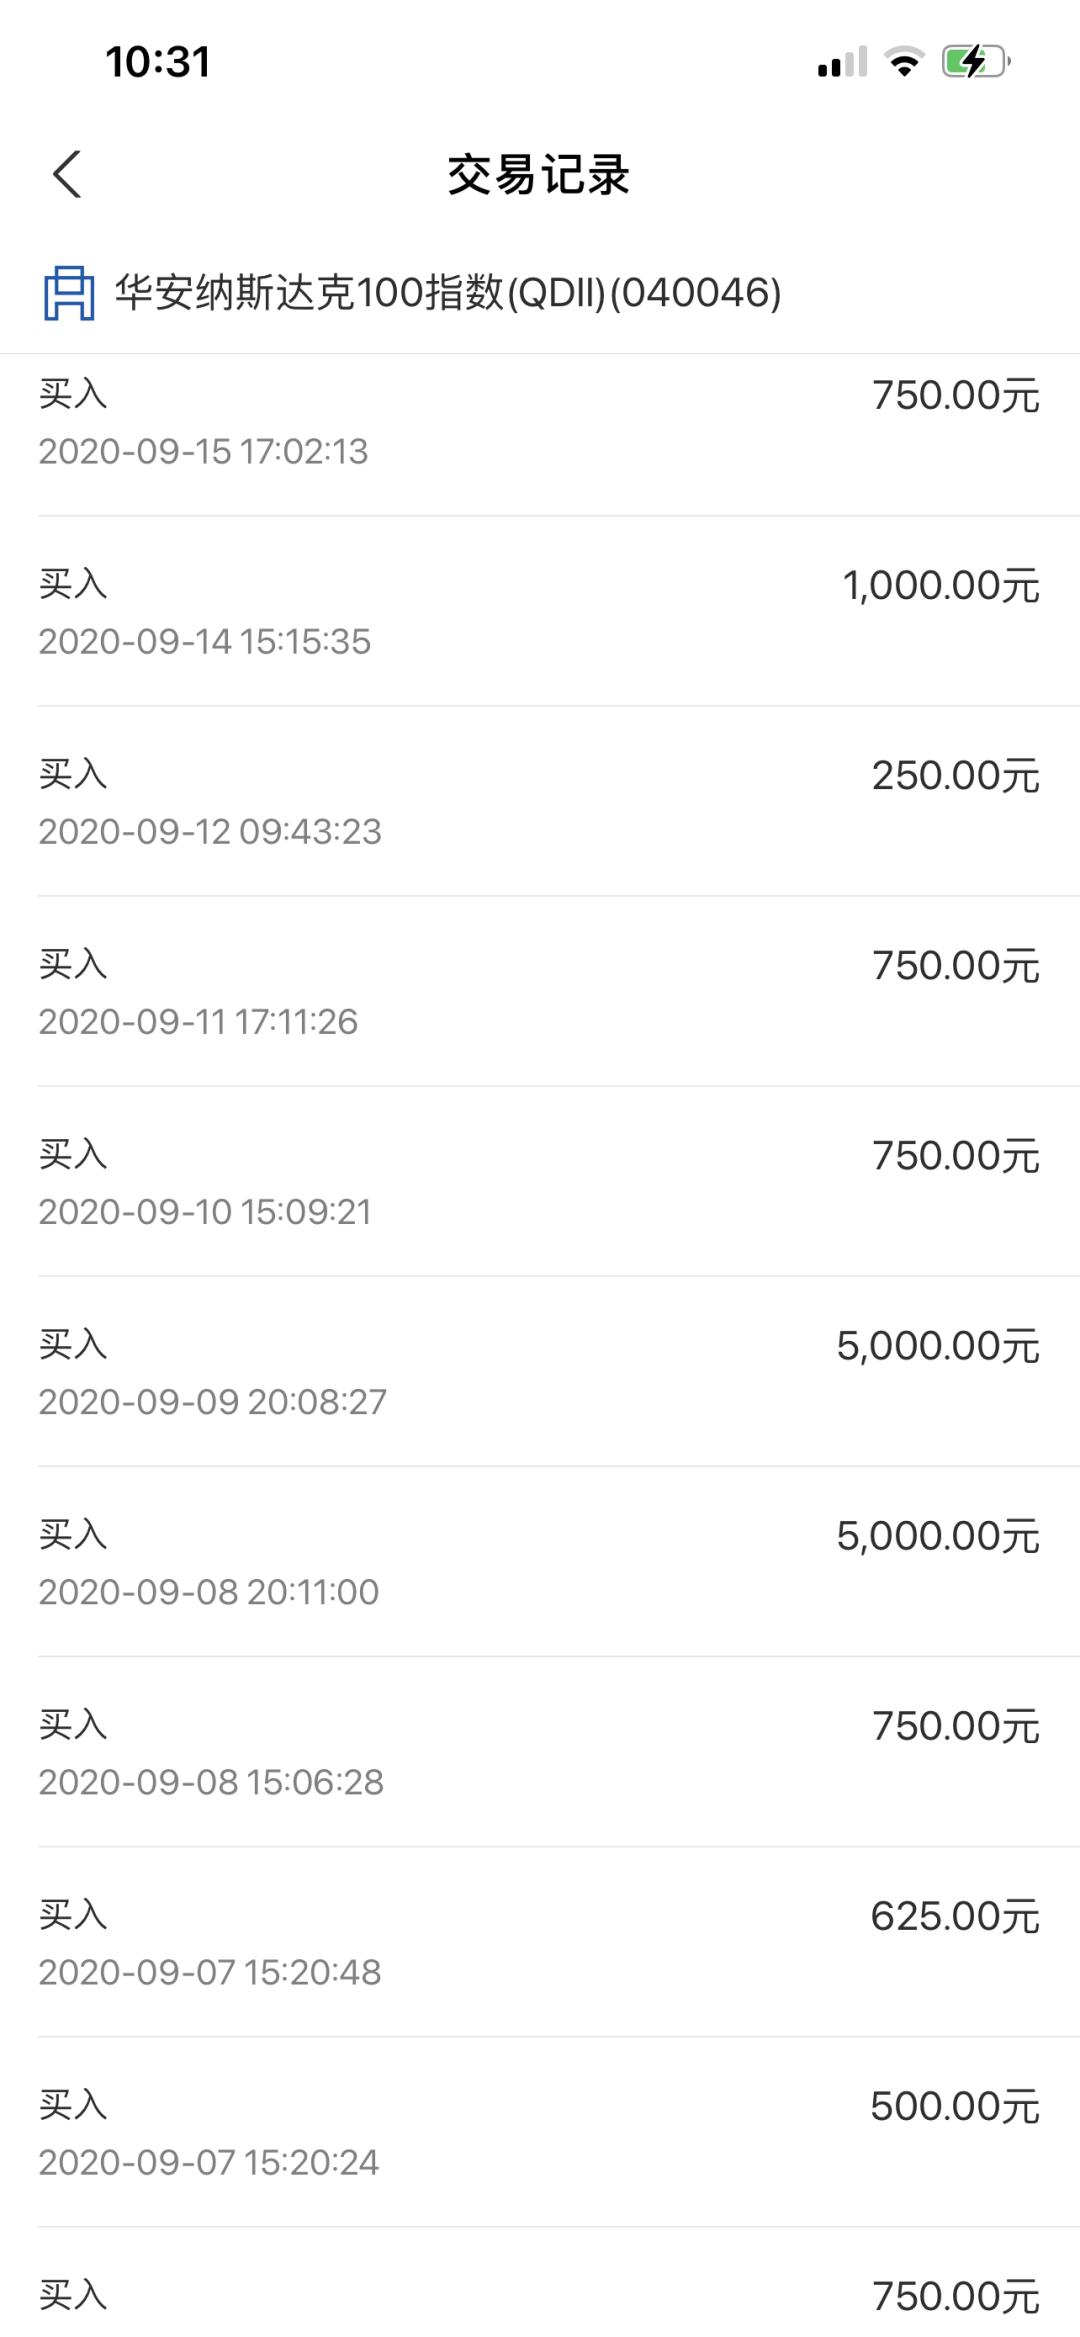 高位接盘 + 定投一年,结果如何?